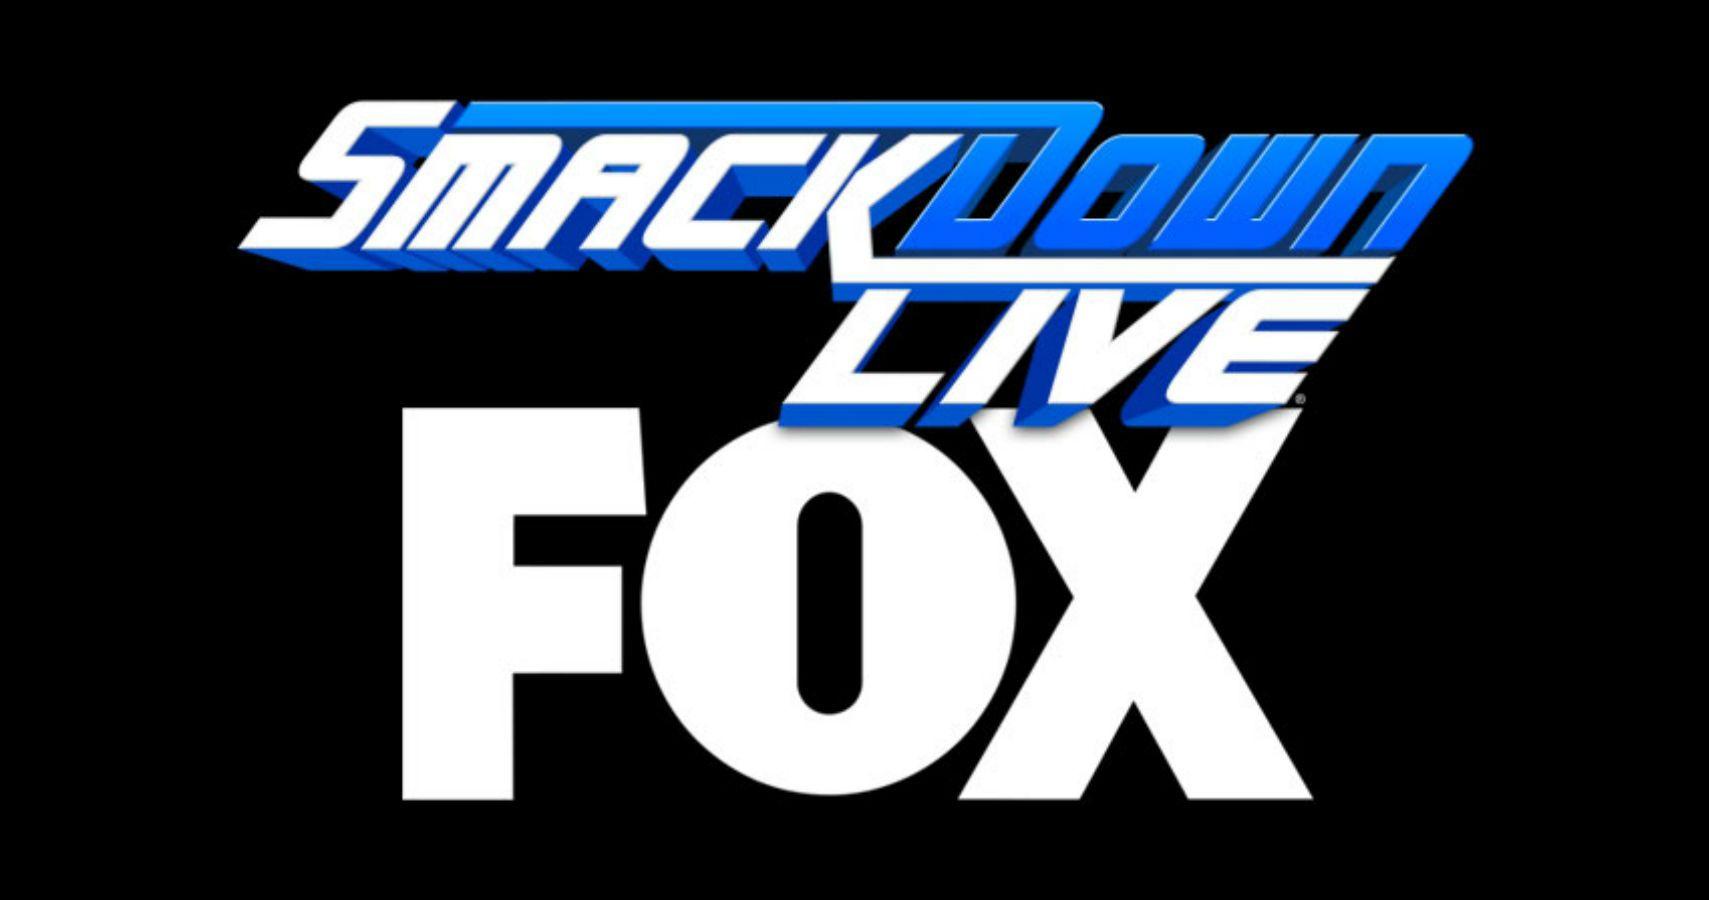 sd live fox에 대한 이미지 검색결과